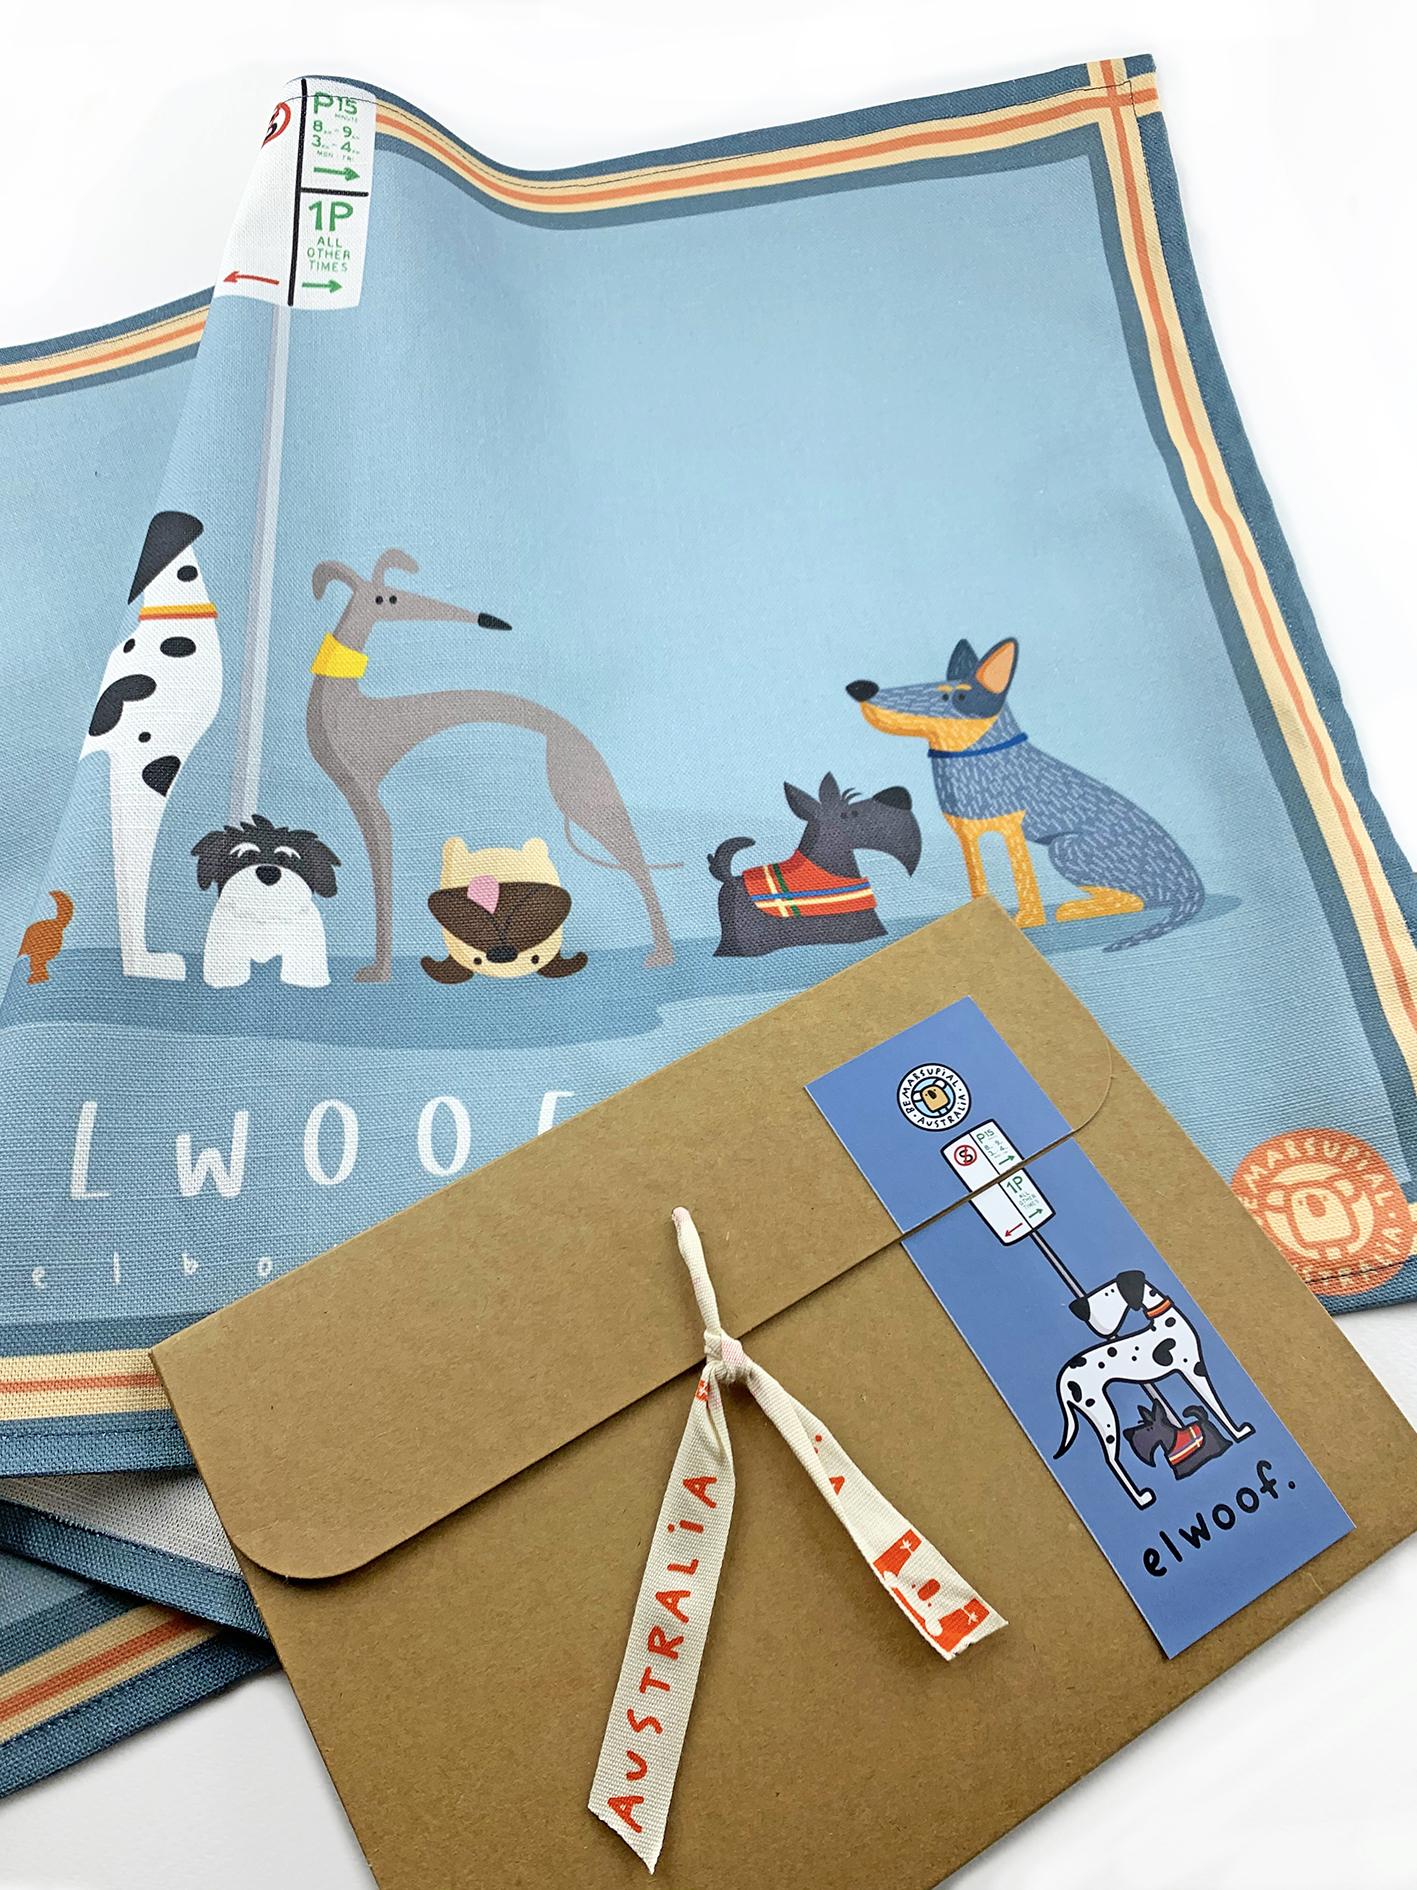 Elwood tea towel and packaging